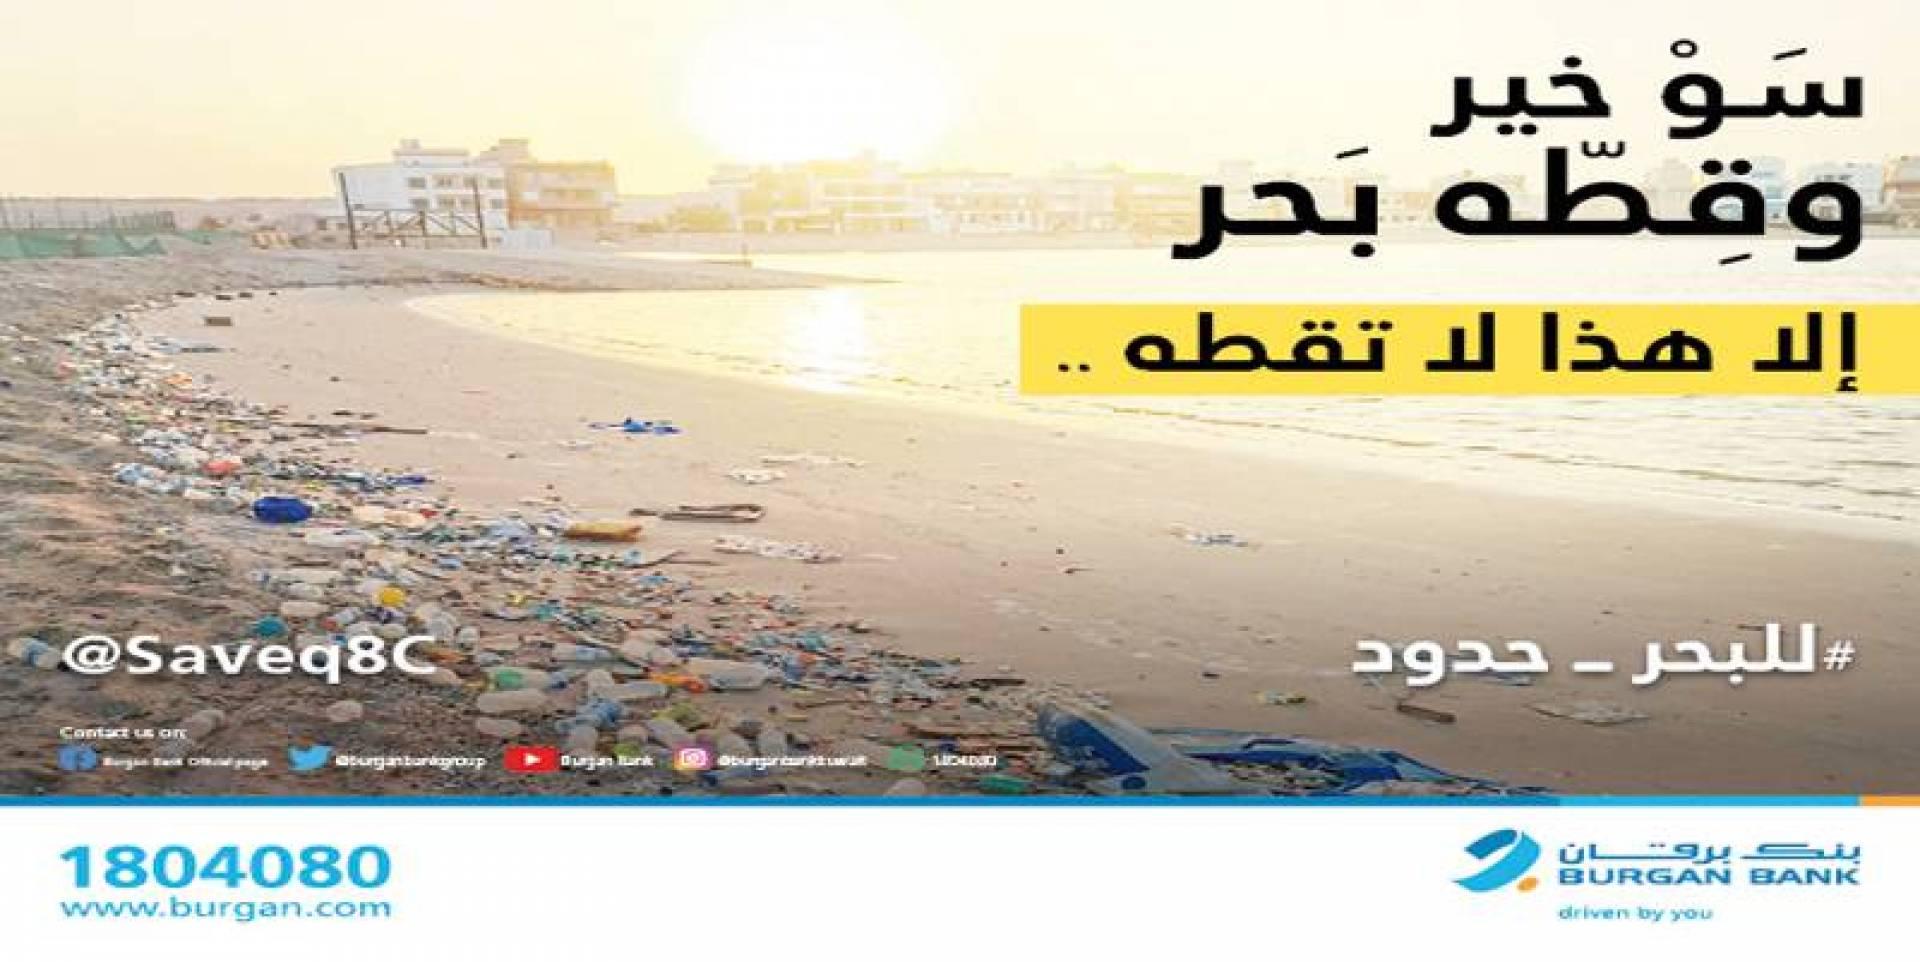 ملصق حملة للبحر حدود